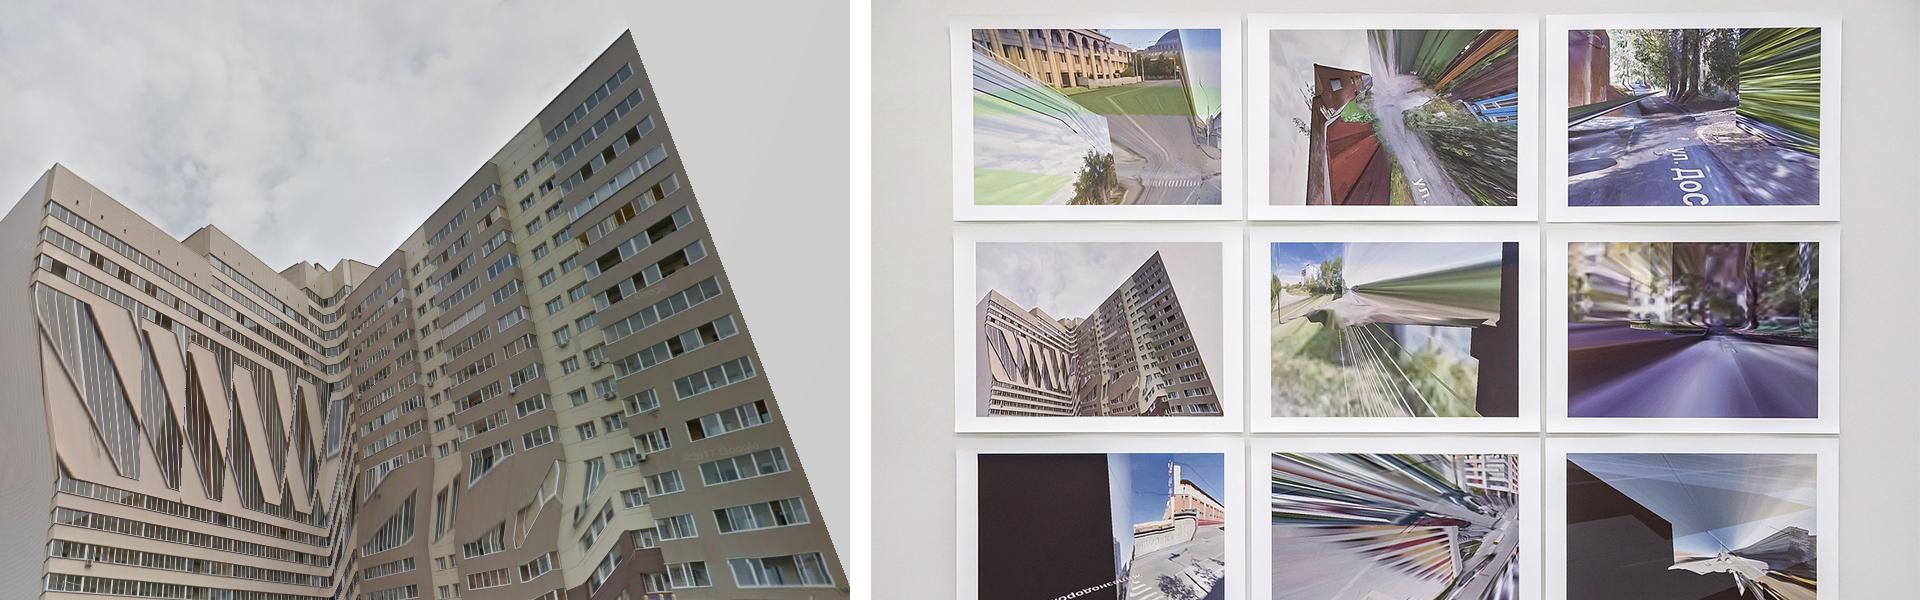 Алек Борисов, «Анархитектура», из серии «Угол карты». Фрагмент экспозиции. Фото предоставлено автором.